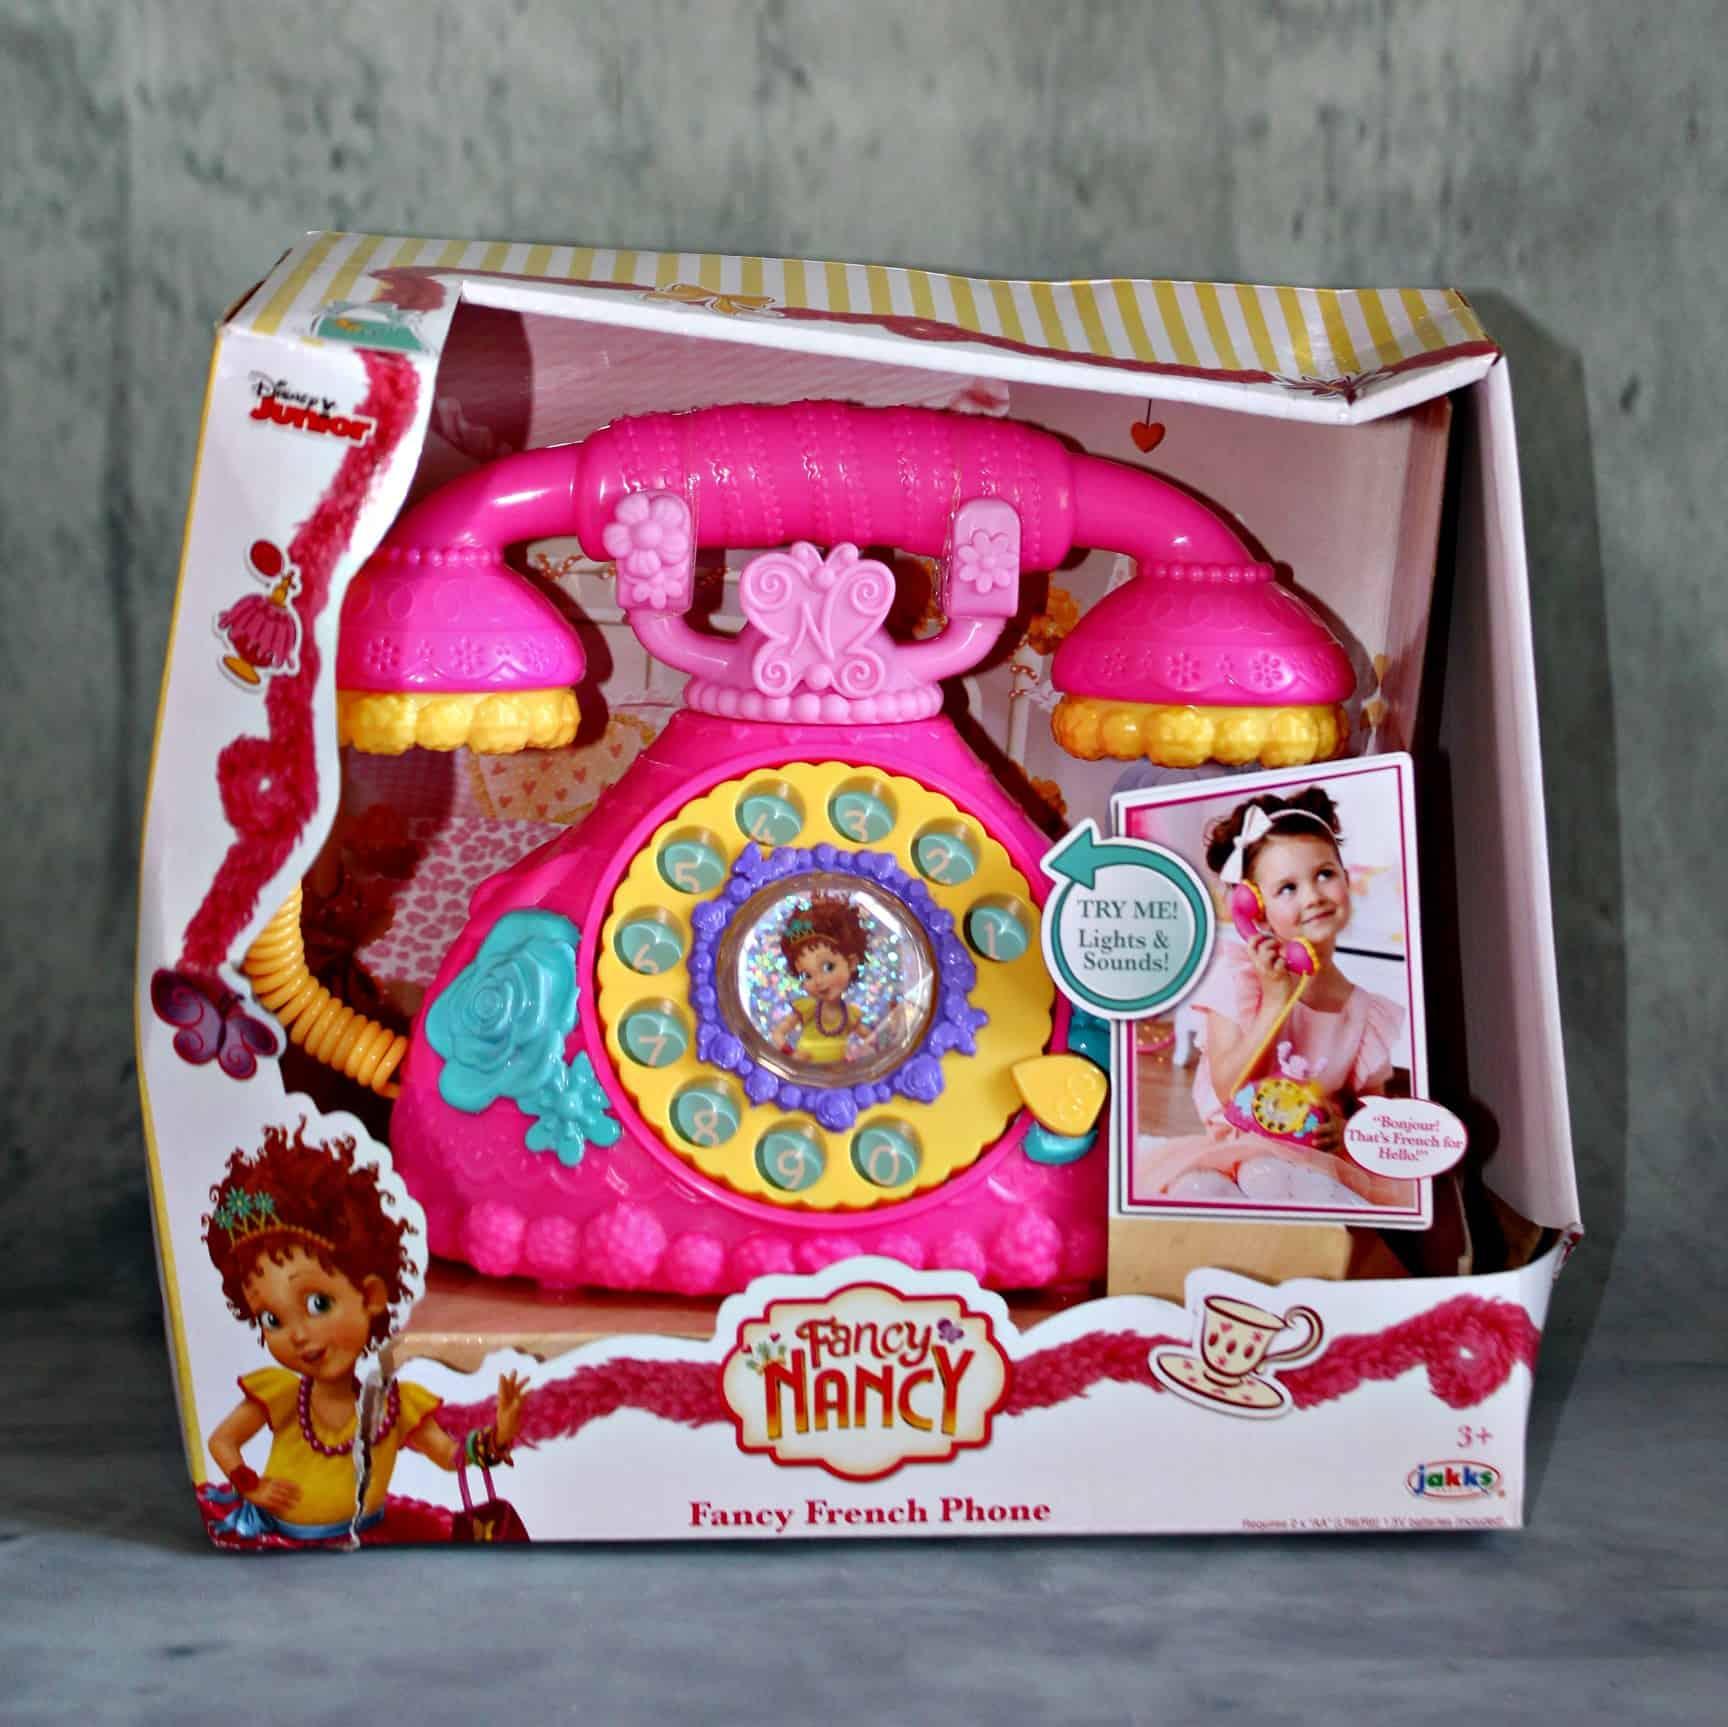 Fancy Nancy Fancy Phone